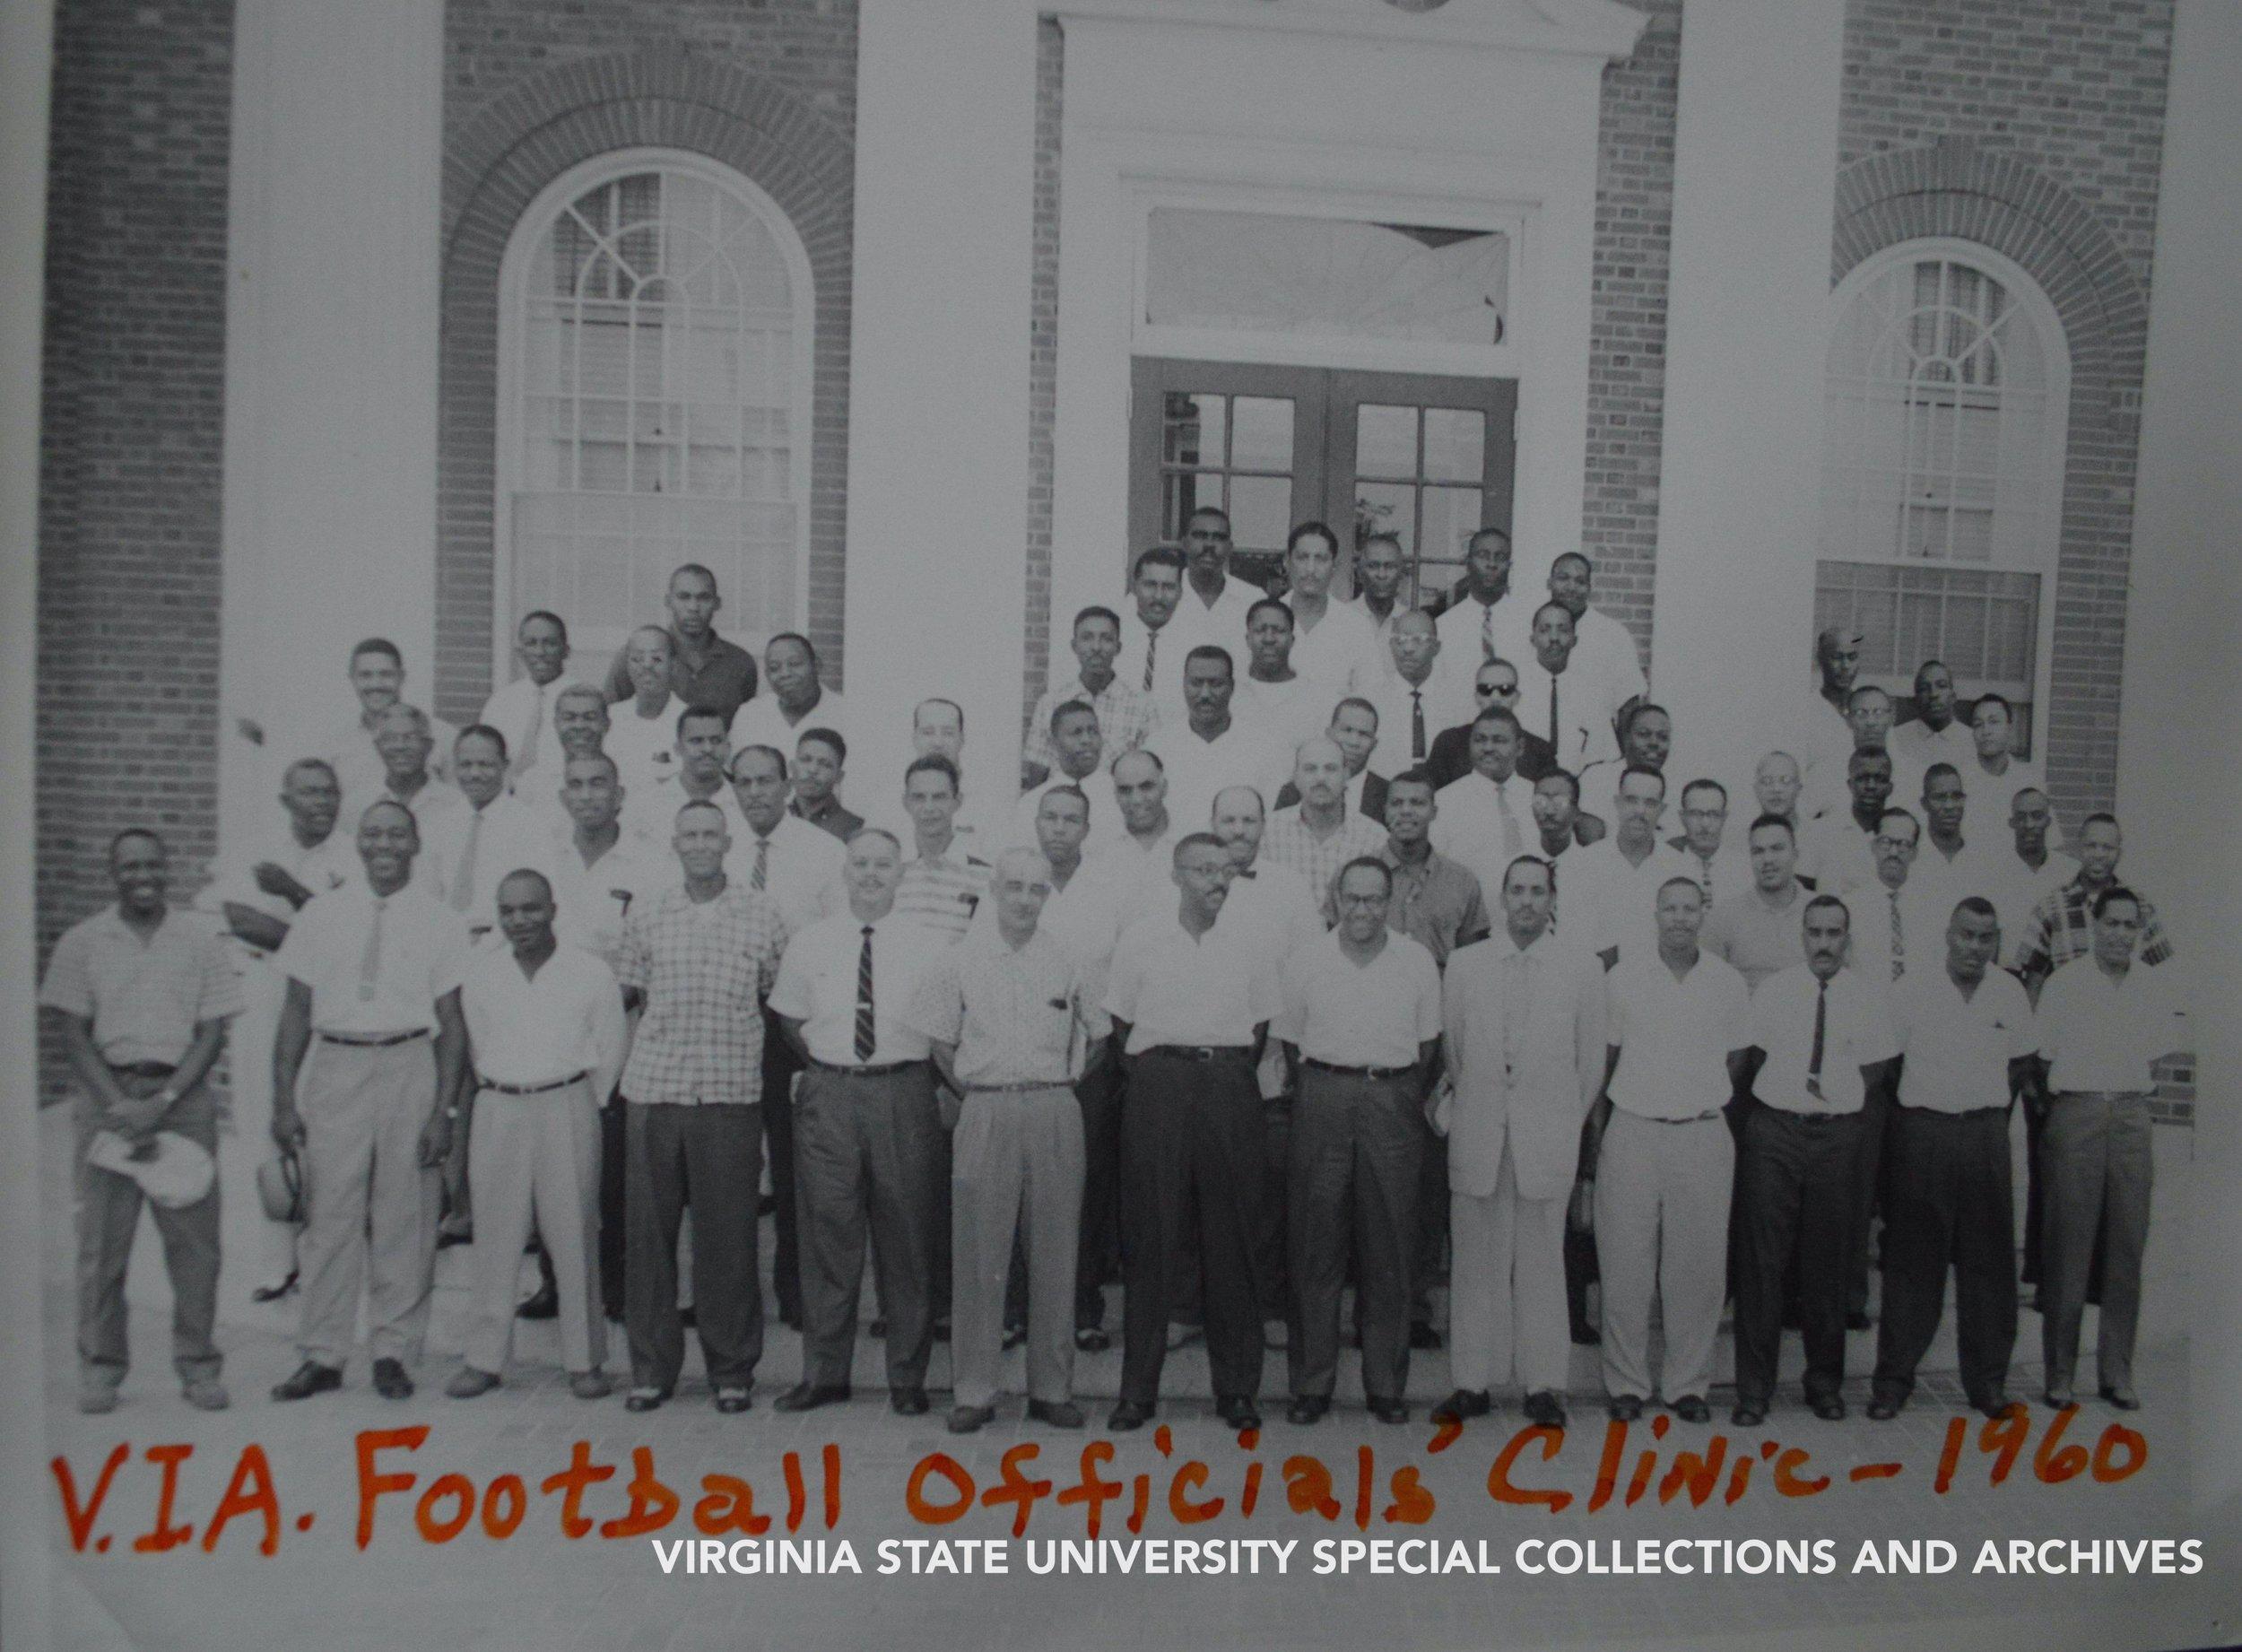 Football Clinic Officials, 1960